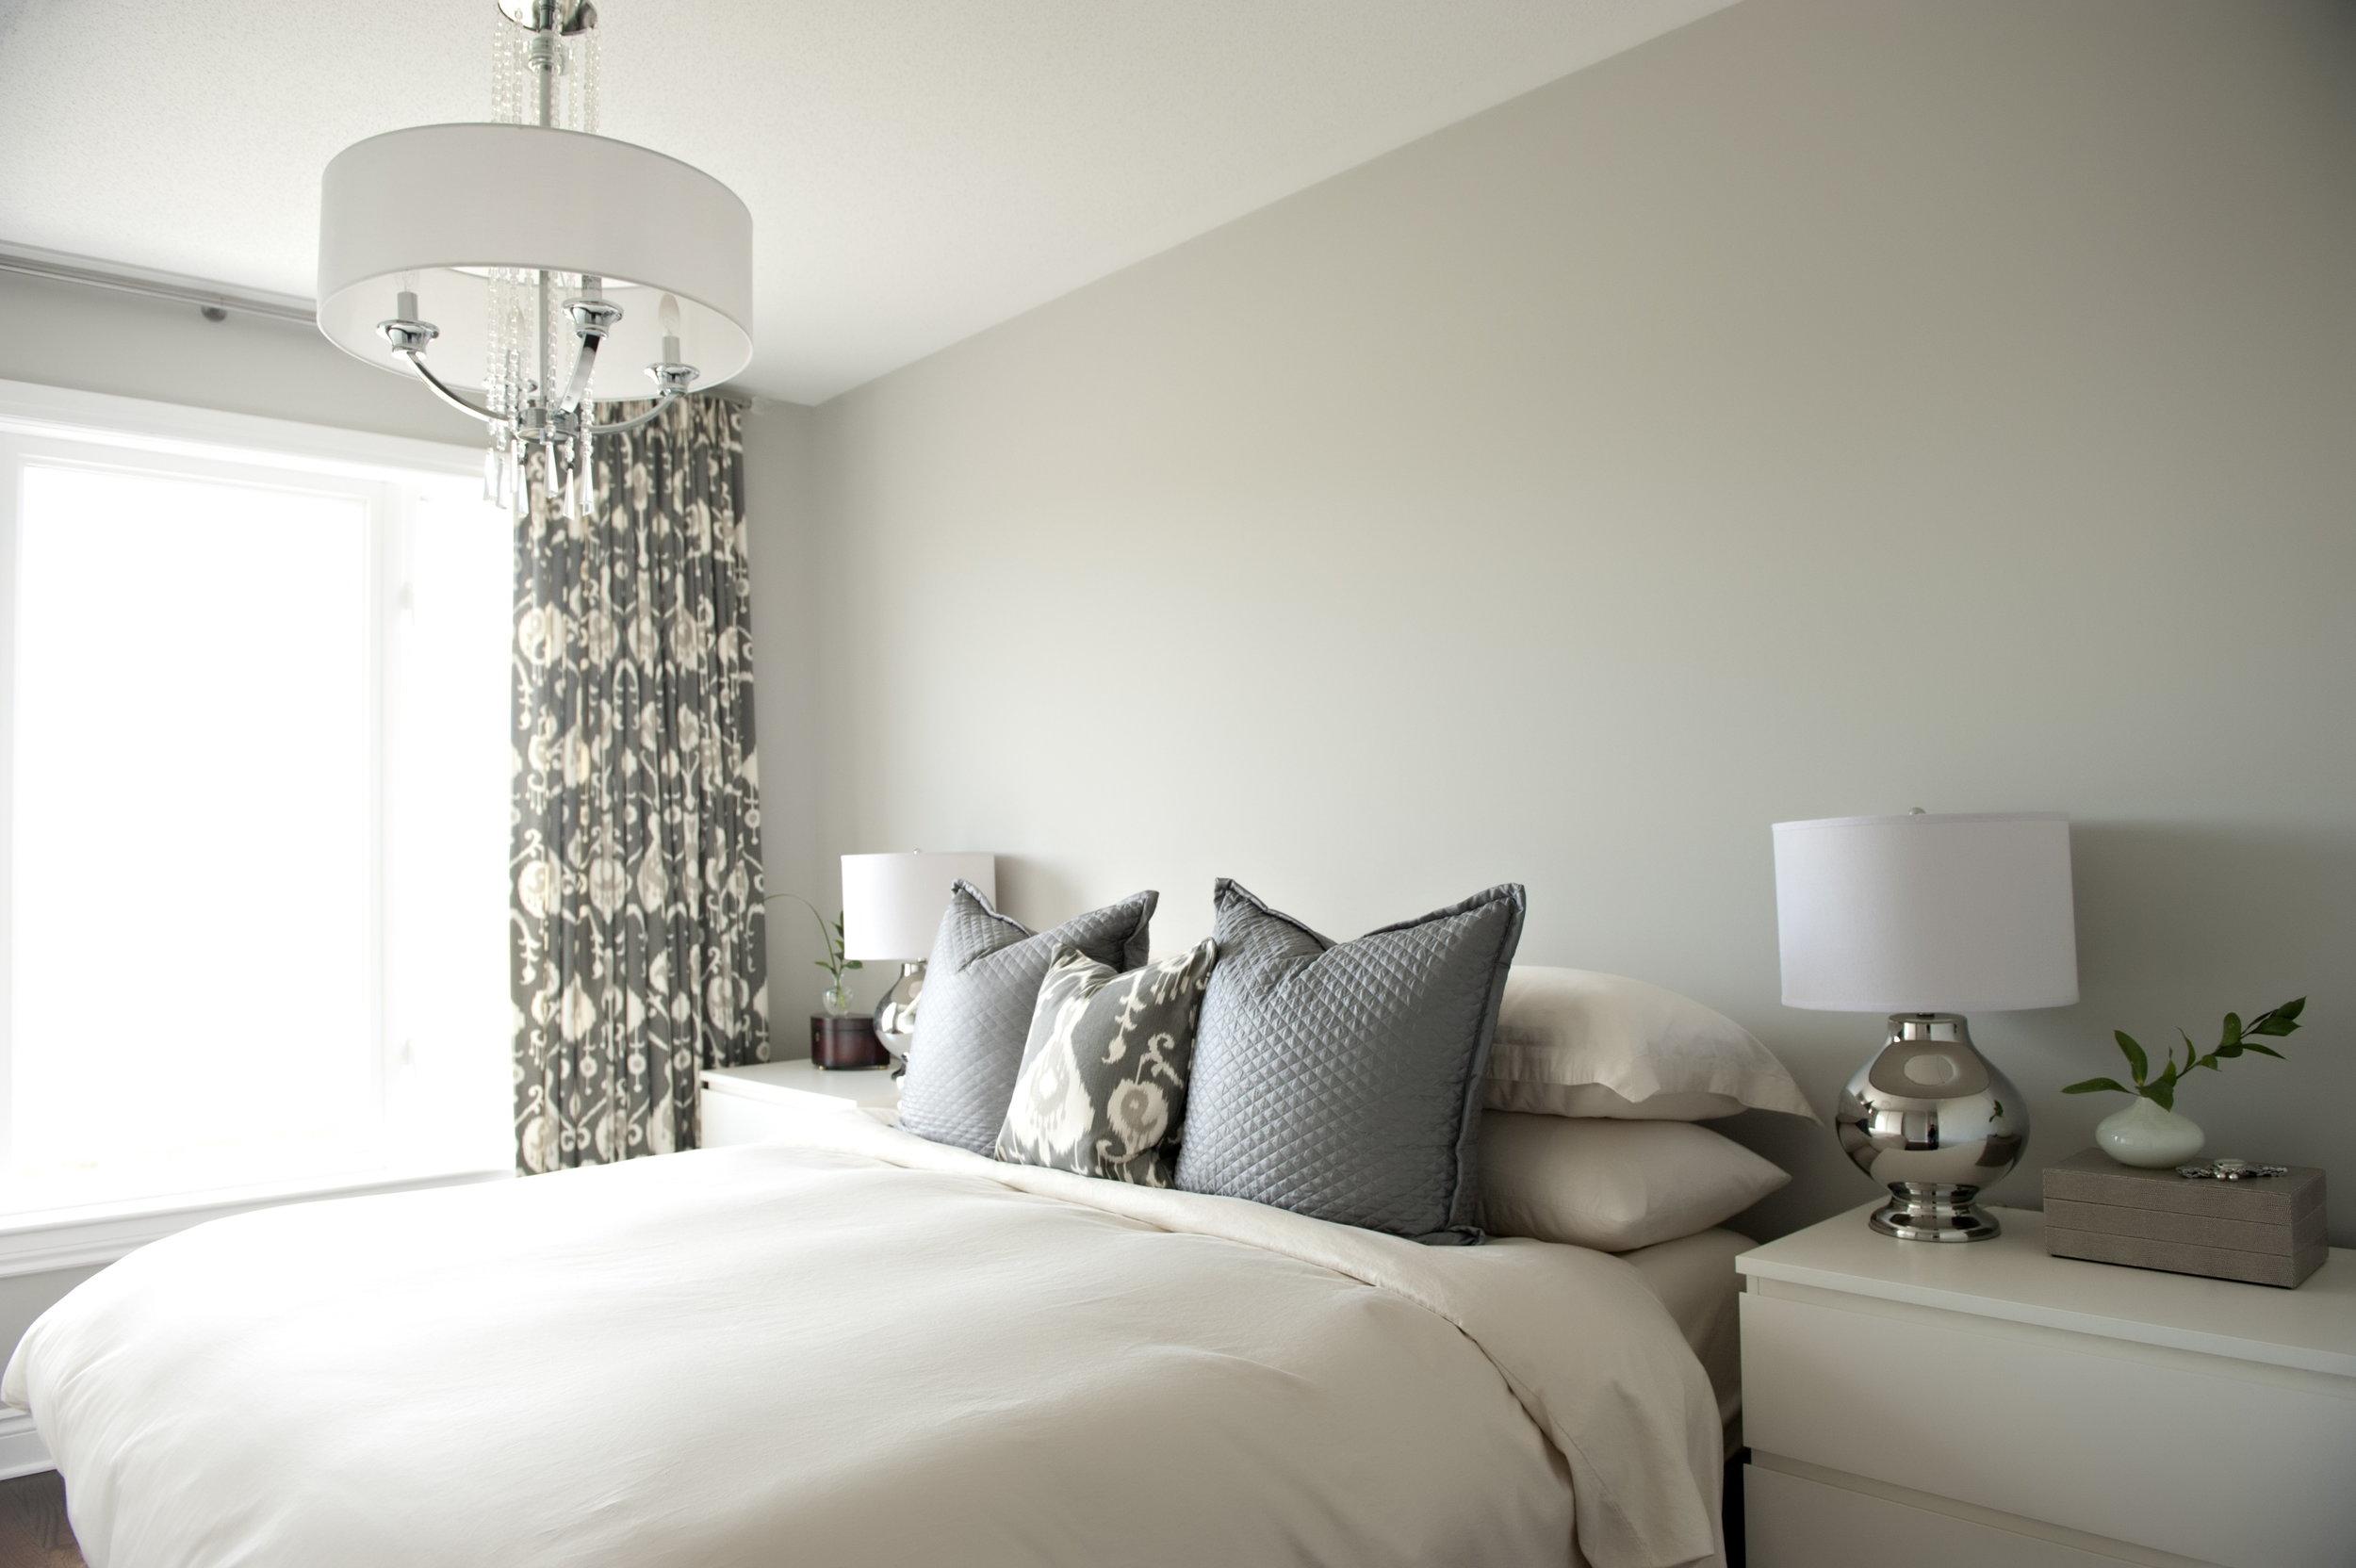 Interior-Design-McGregor-Project-Bed-Bedroom